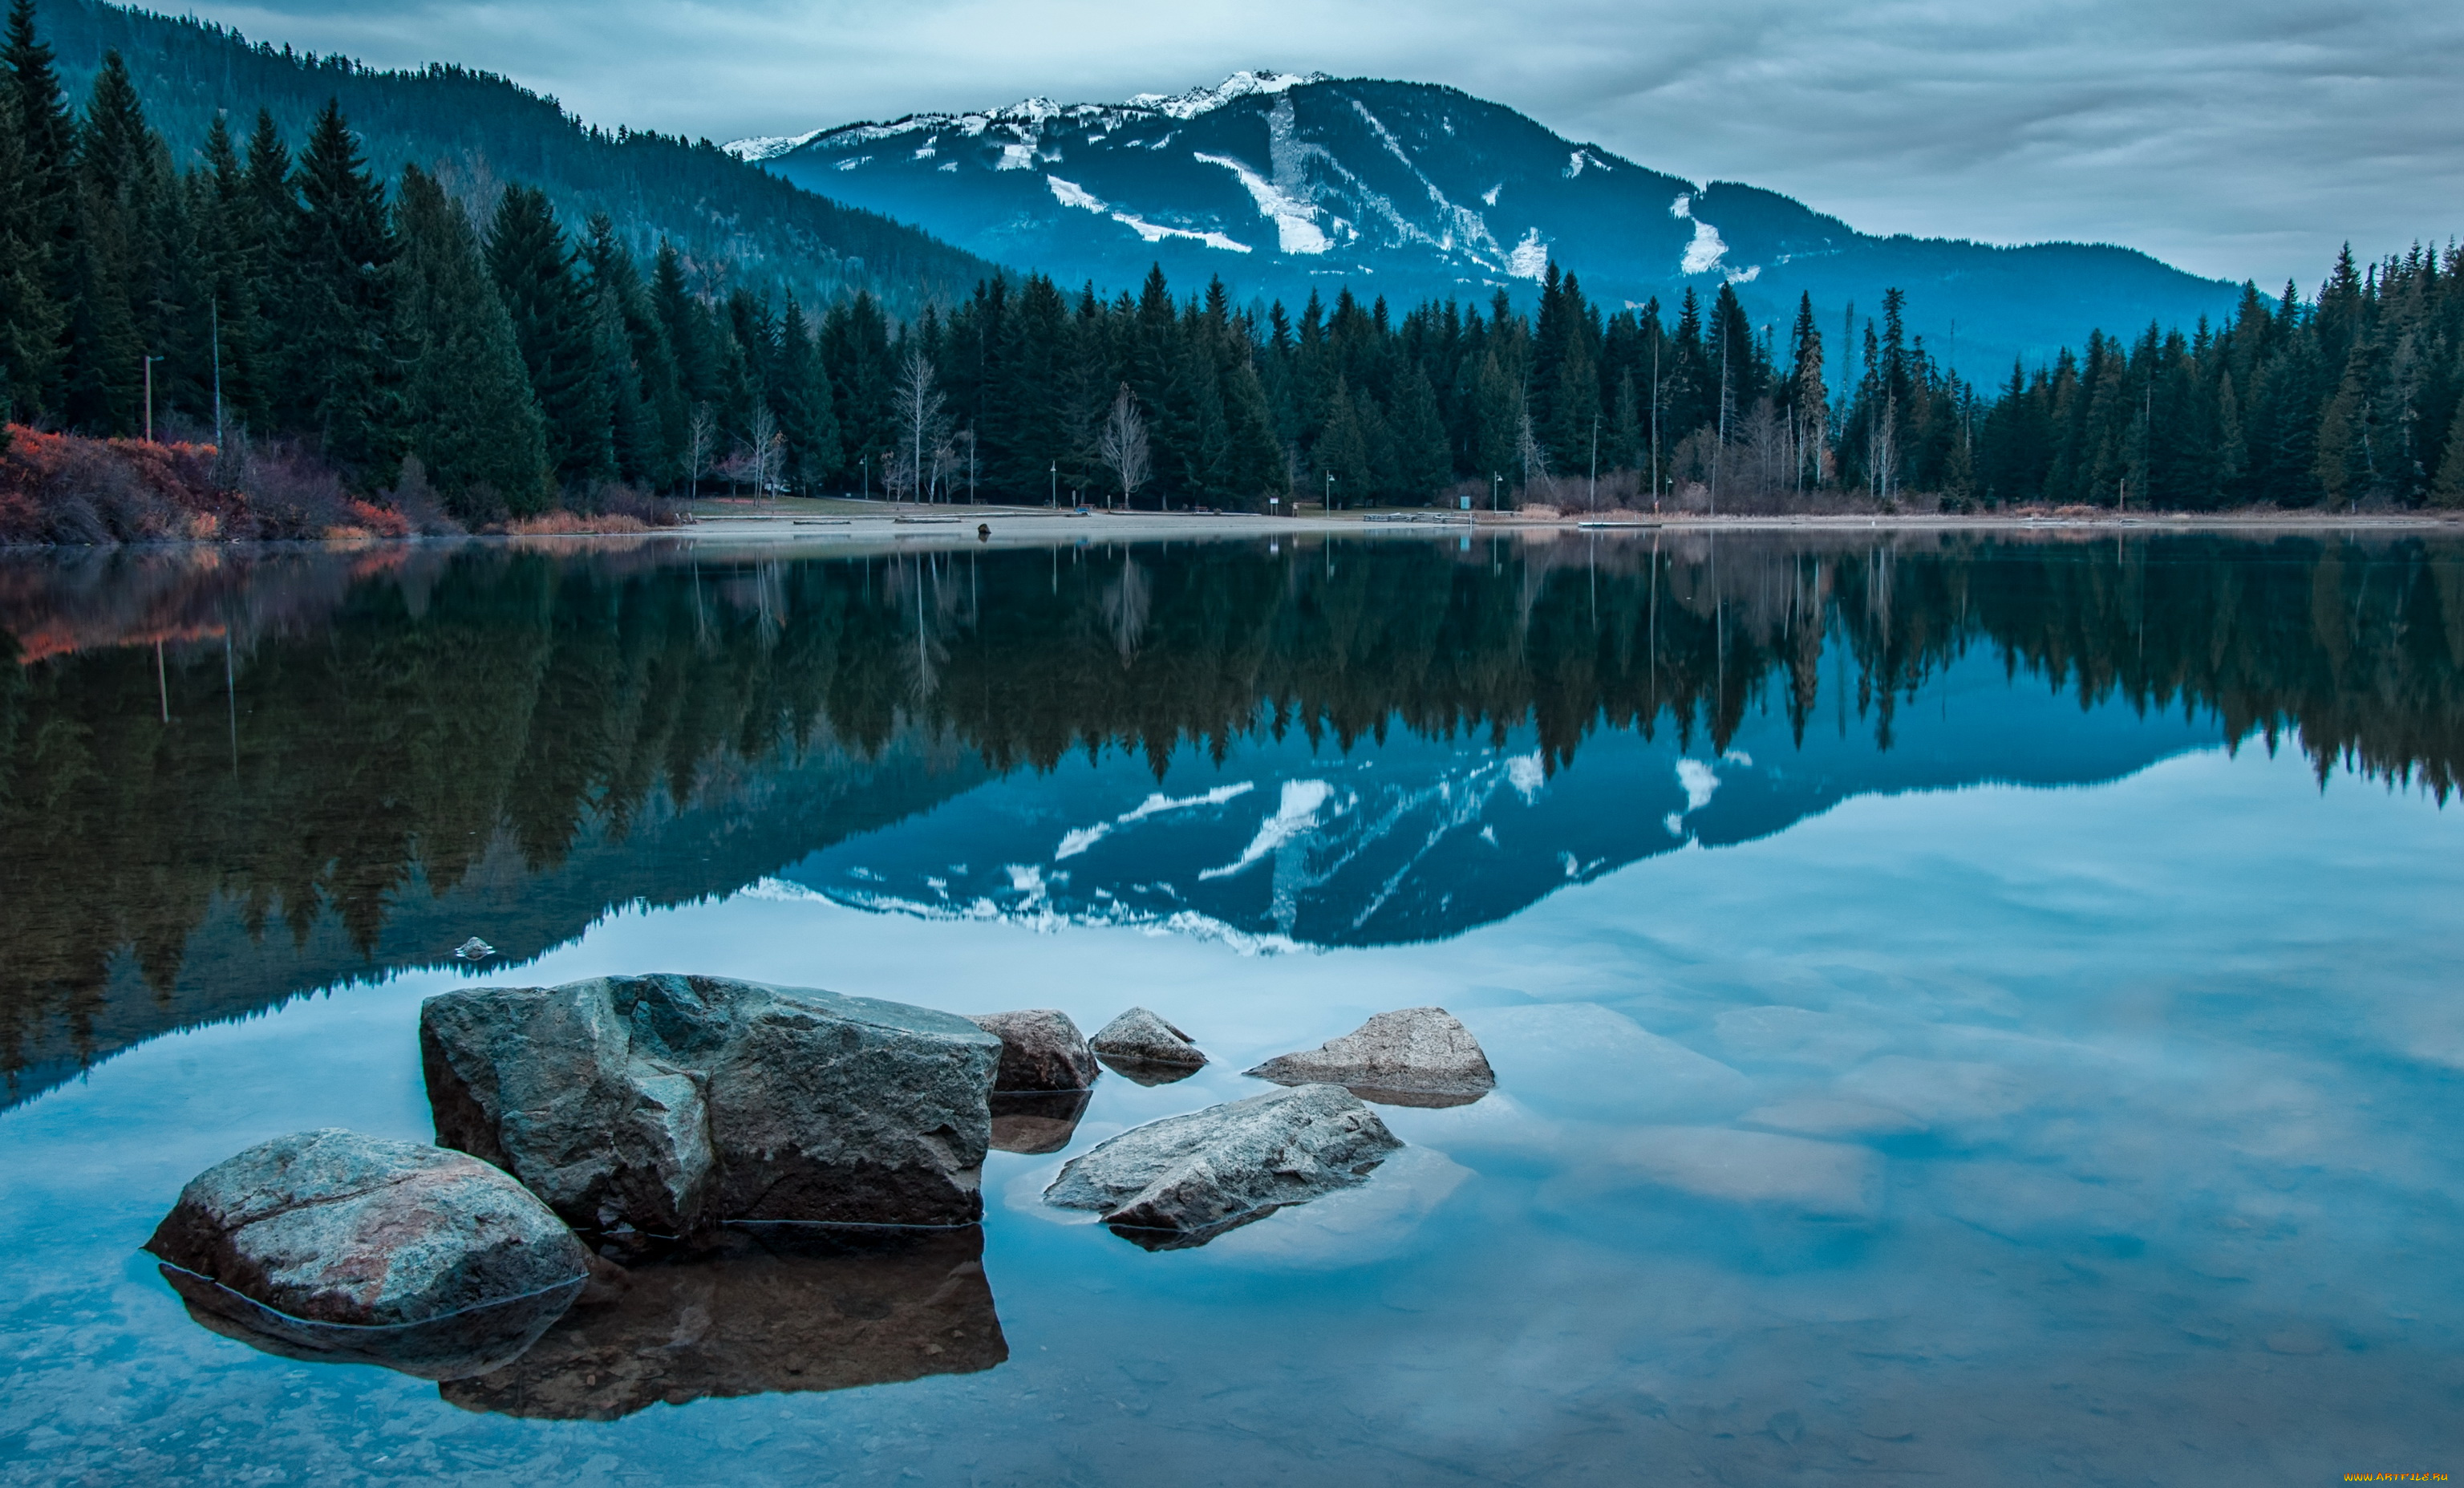 природа горы вода отражение загрузить